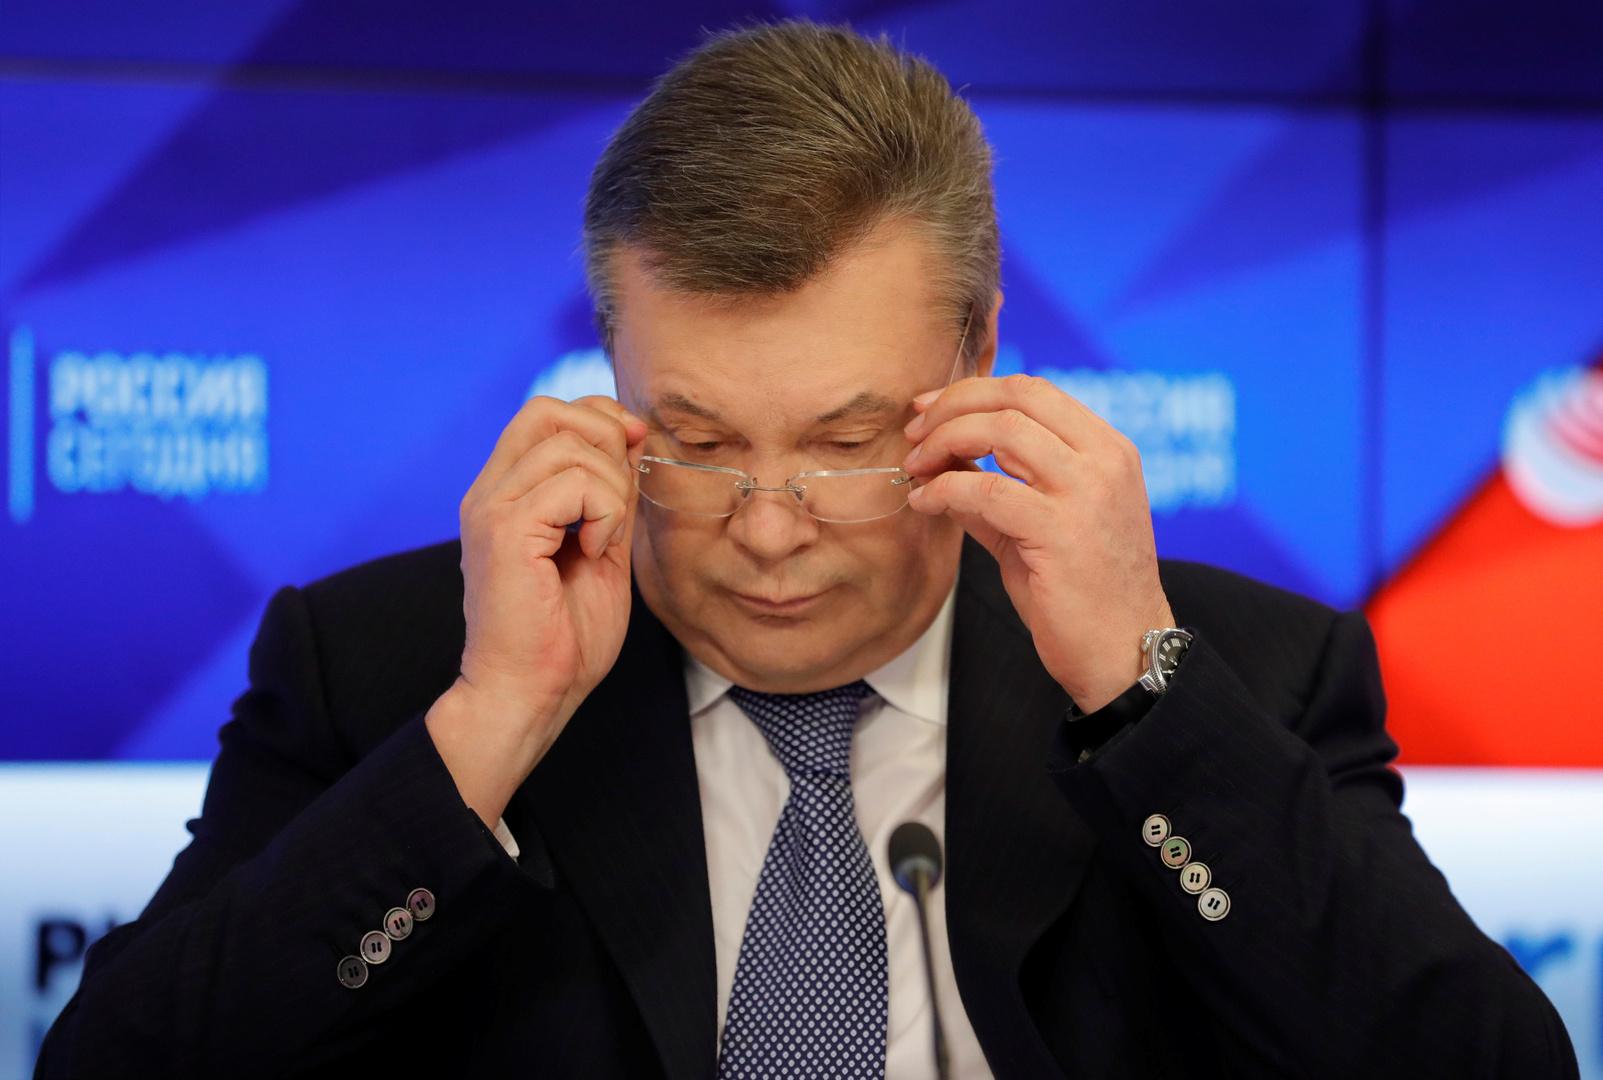 أوكرانيا.. دفاع يانوكوفيتش ينفي تهمة الخيانة العظمى الموجهة لموكله